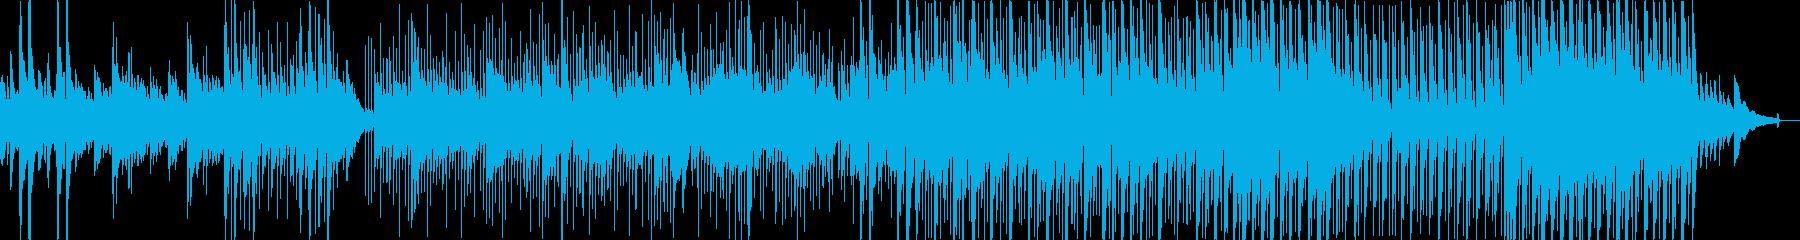 ほのぼのした牧歌的フォークソングの再生済みの波形